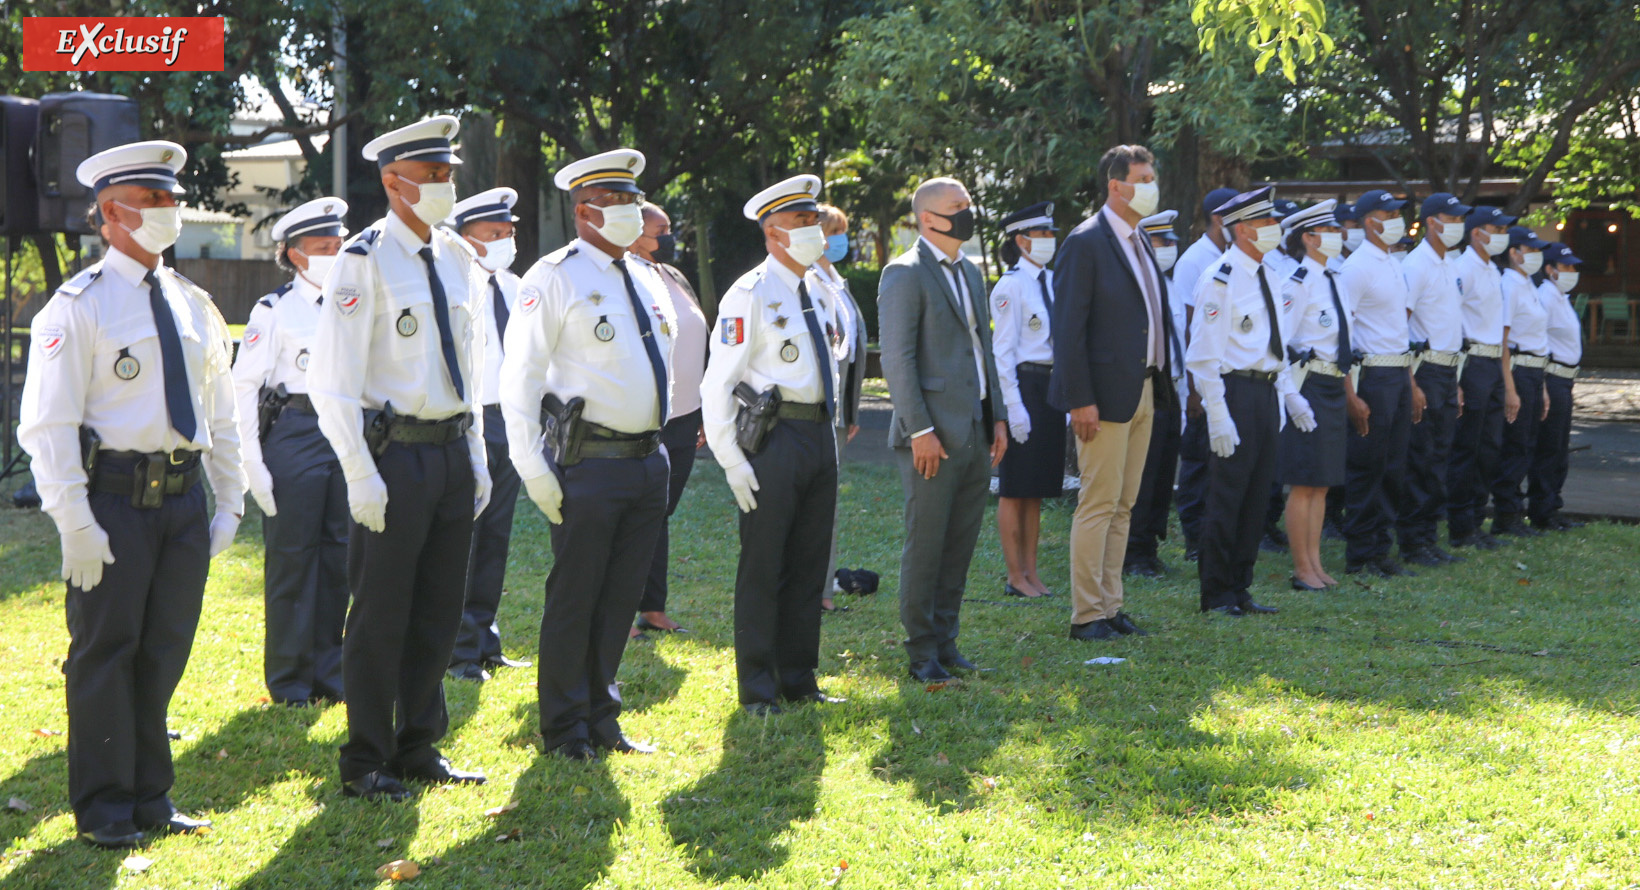 Cérémonie du 14 juillet au Jardin de l'Etat: photos